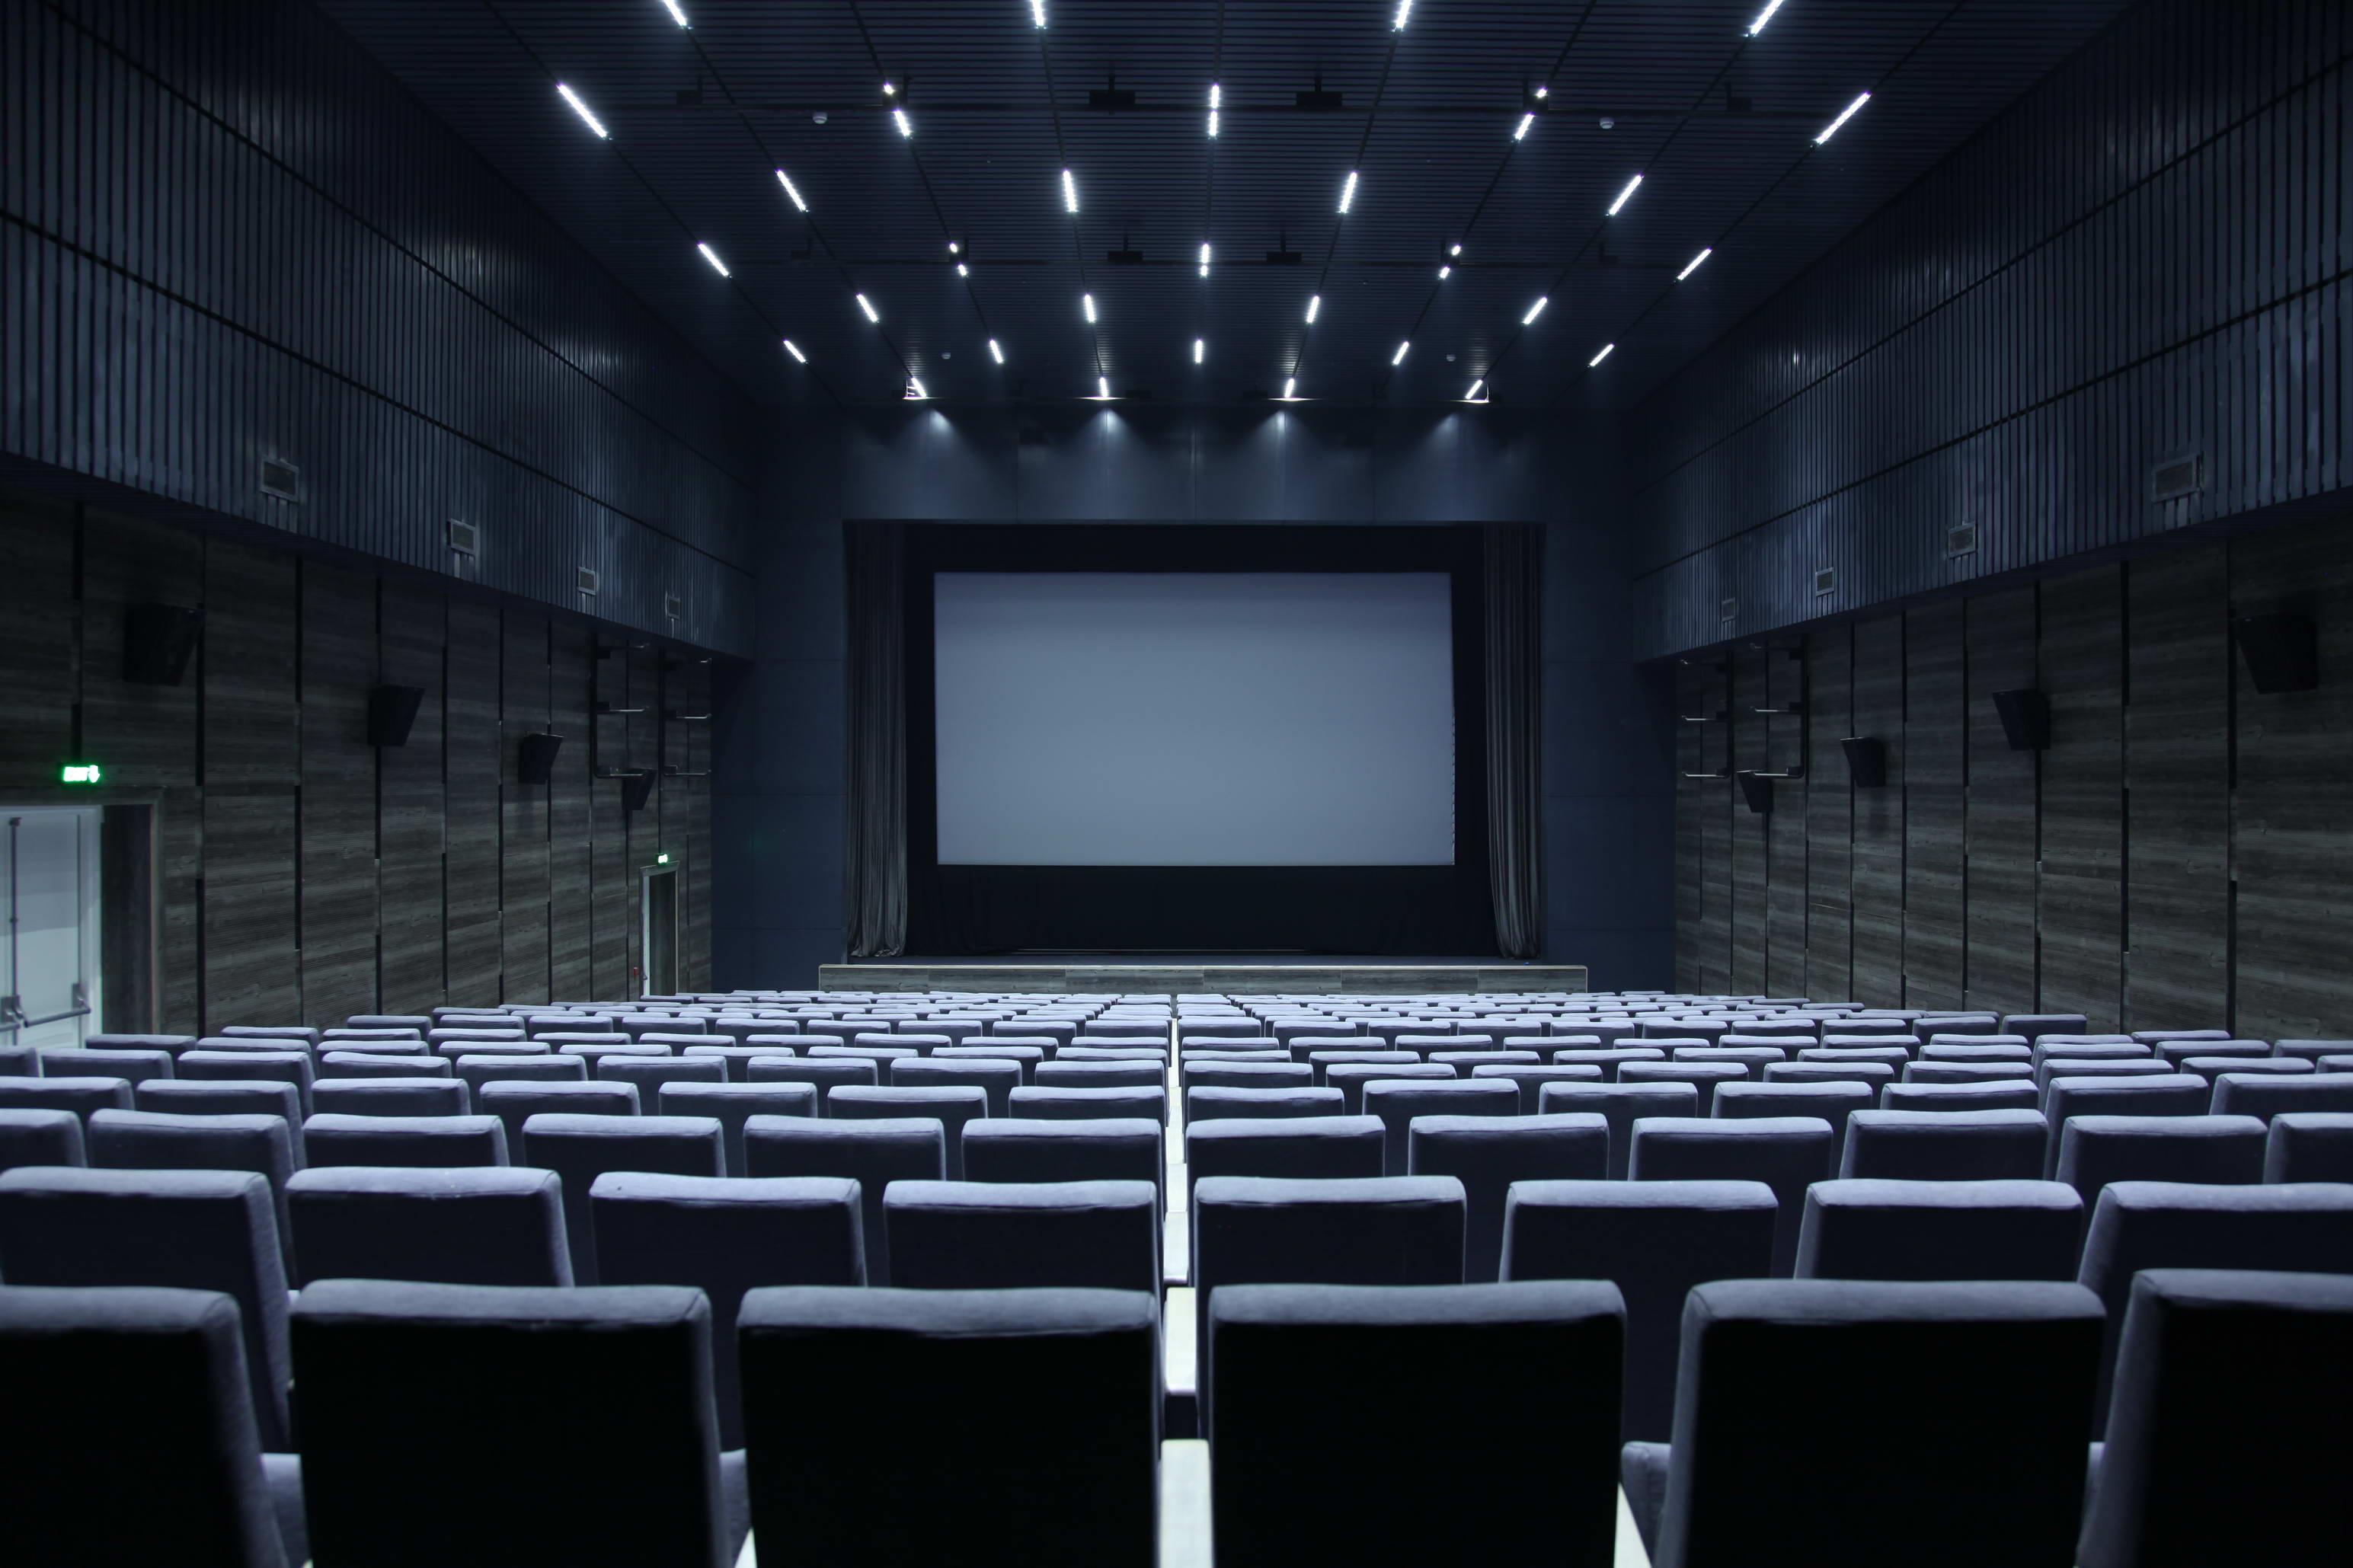 از توزیع نسخه قاچاق یک فیلم تا دعوت نشدن ۱۱ صنف به جلسه مجمع عمومی خانه سینما